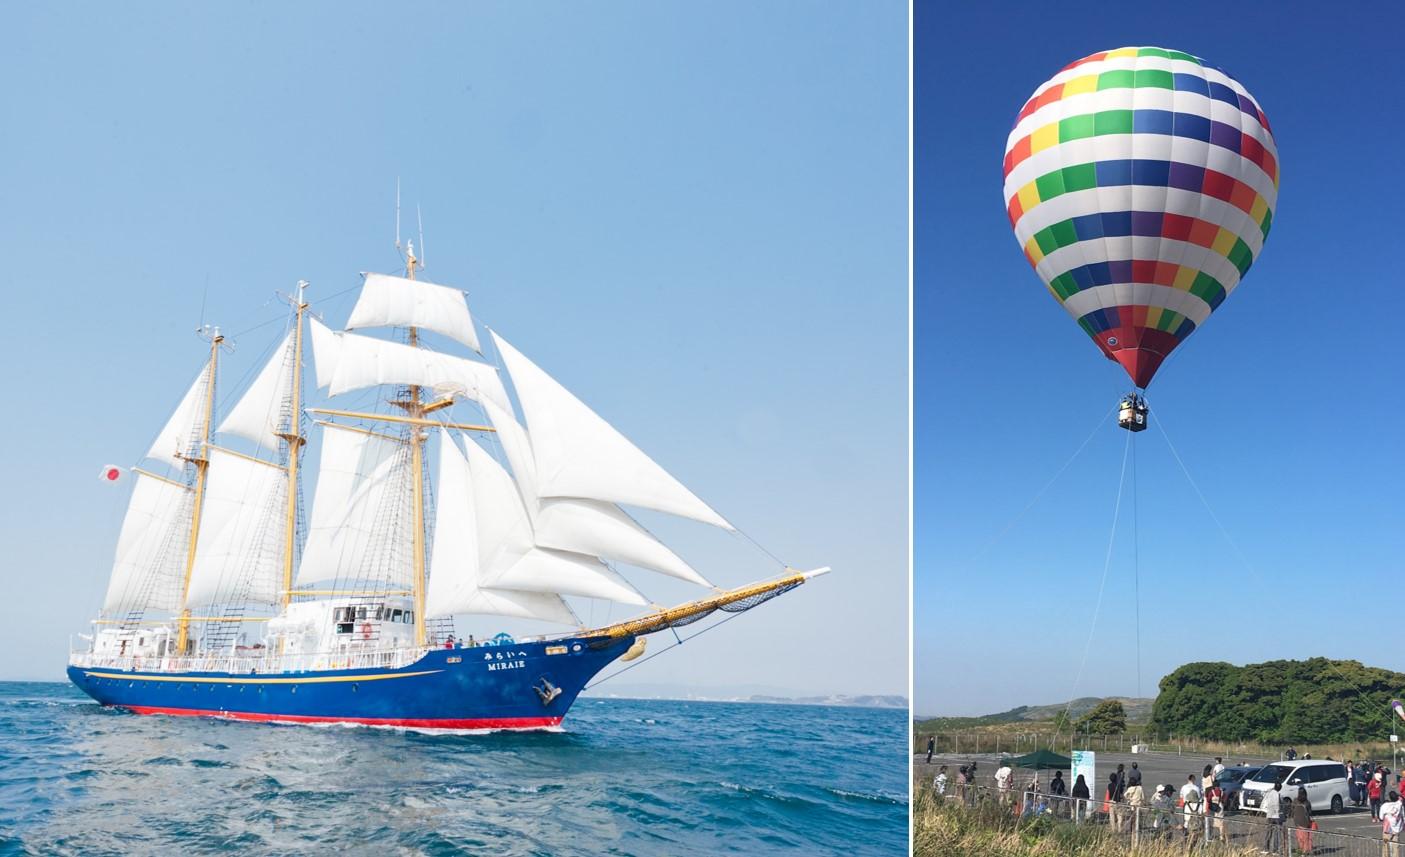 画像:【世界遺産登録5周年記念】帆船を体験してみよう!&熱気球で空から城下町を楽しもう!